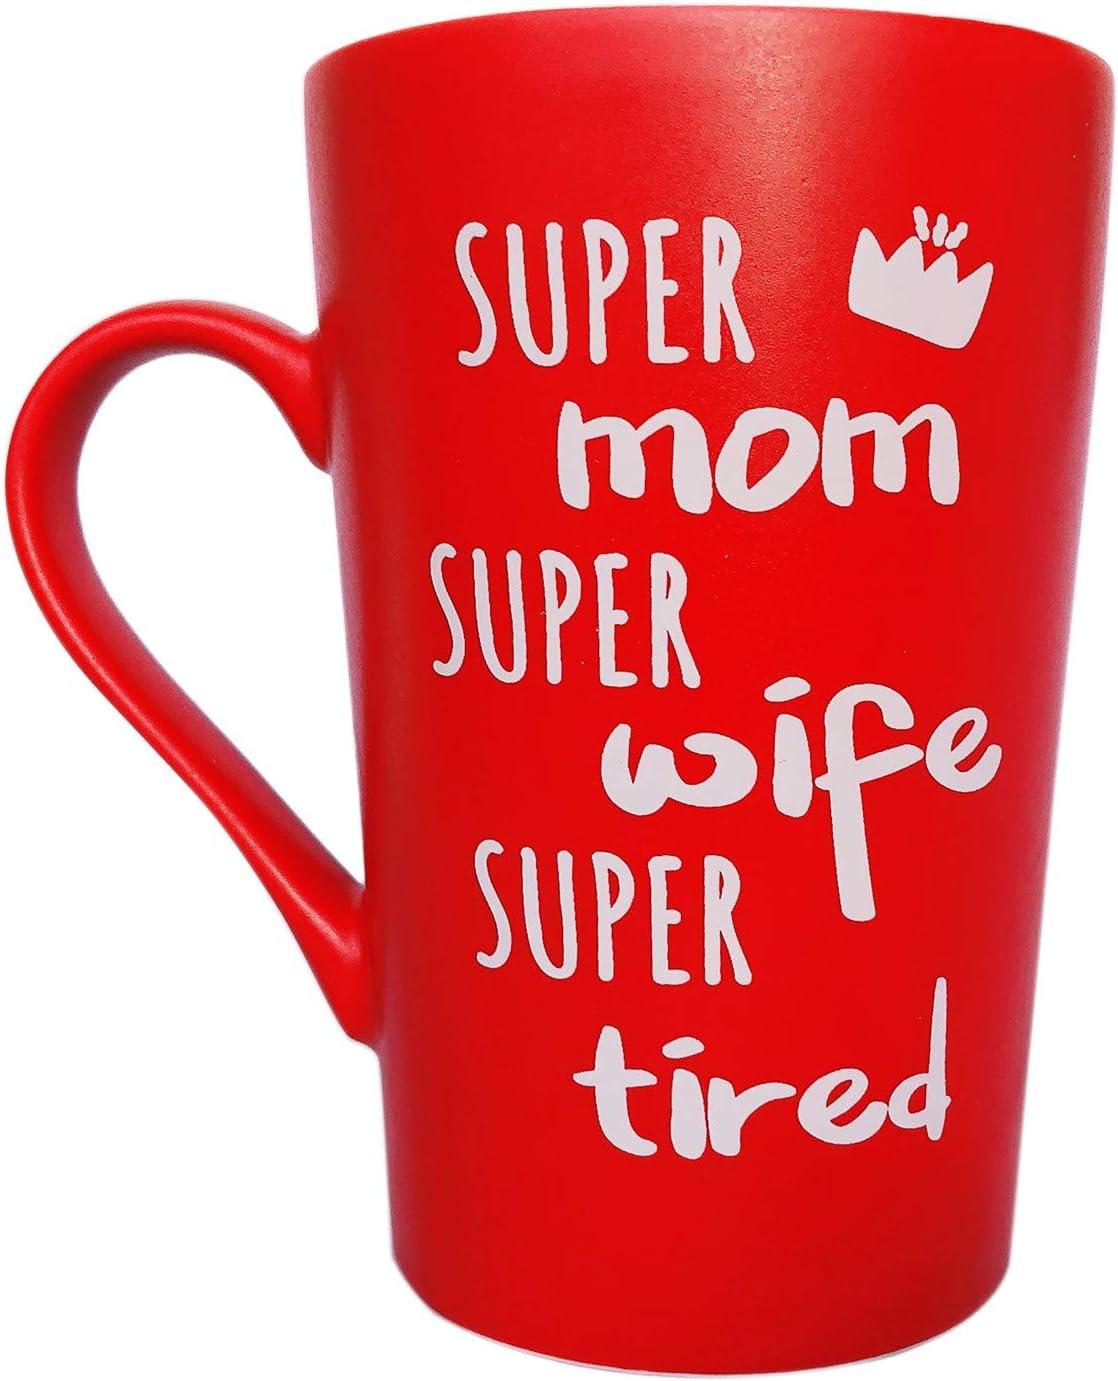 Taza de café divertida para el día de la madre regalos de Navidad para mamá, esposa, Super mamá, Super esposa, Super Cansado, bonito regalo de hija, hijo o marido, taza de diversión roja, 12 onzas